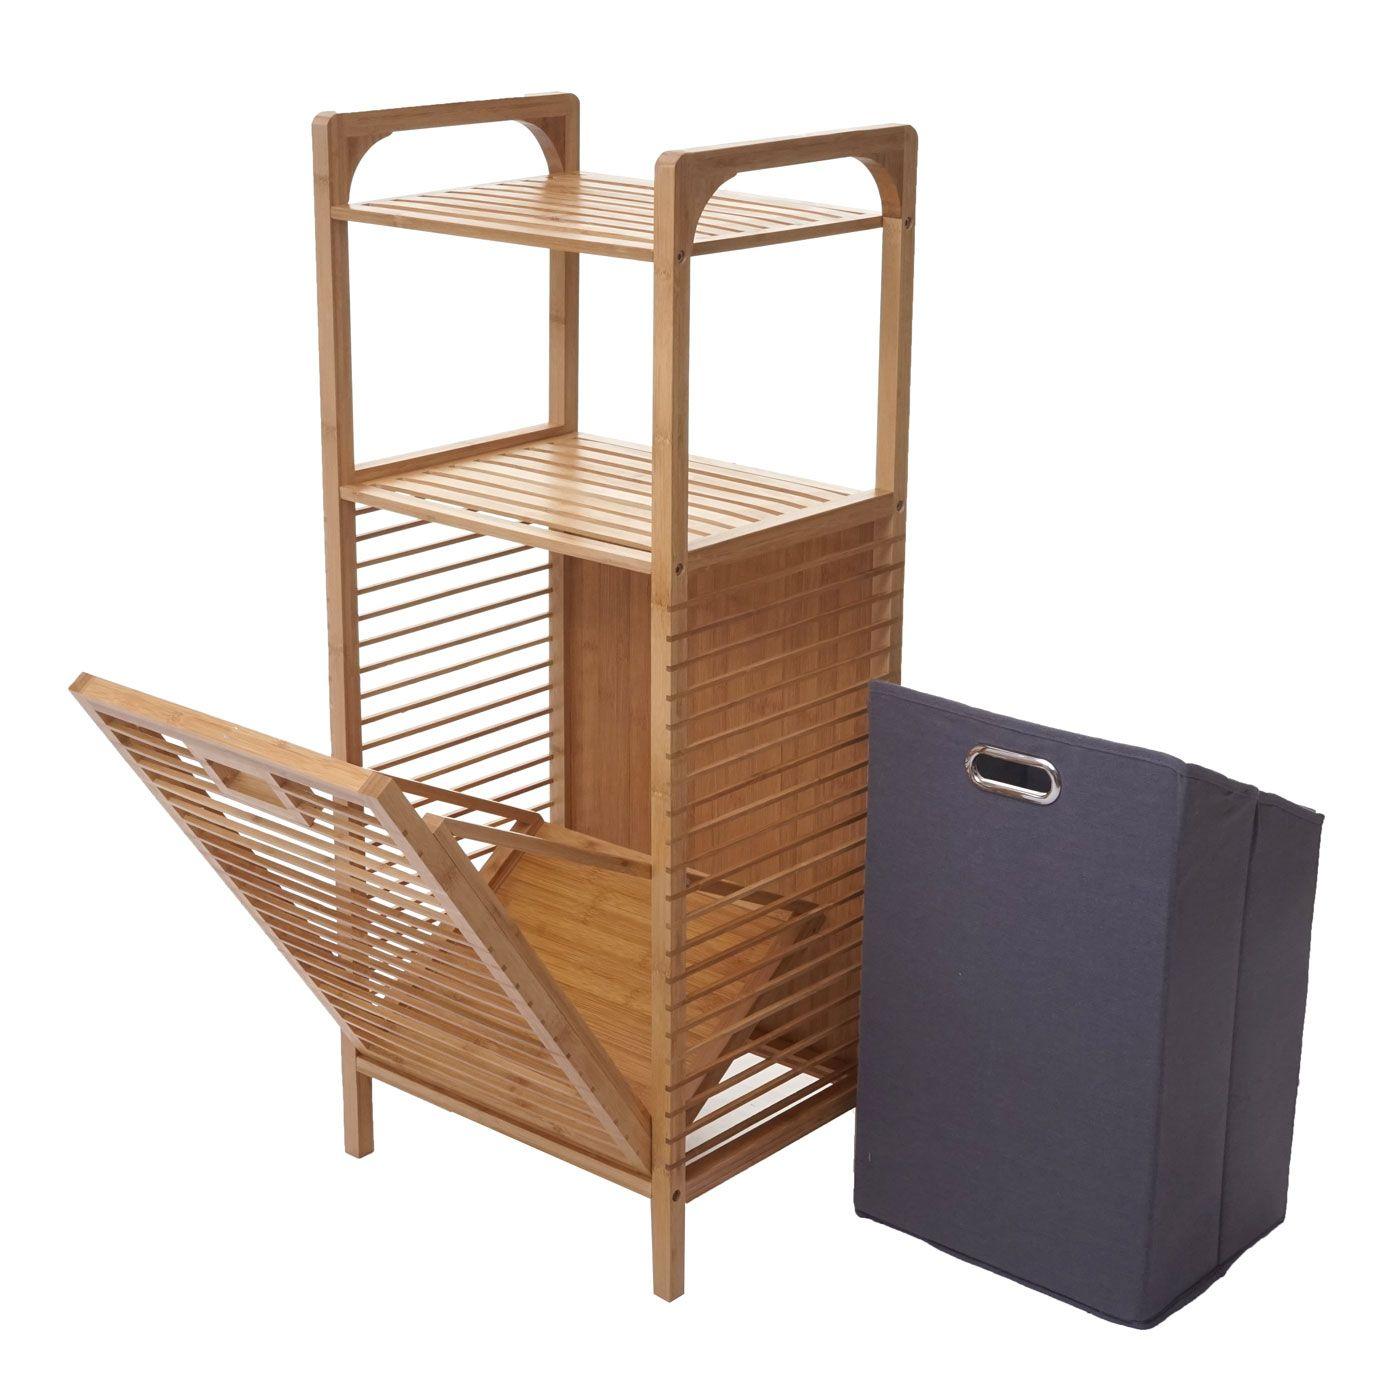 Regal Mit Waschekorb Hwc B94 Waschebox Waschesammler Waschebehalter Standregal Aufbewahrung Bambus 95x40x30cm 28l Waschekorb Waschesammler Waschebox